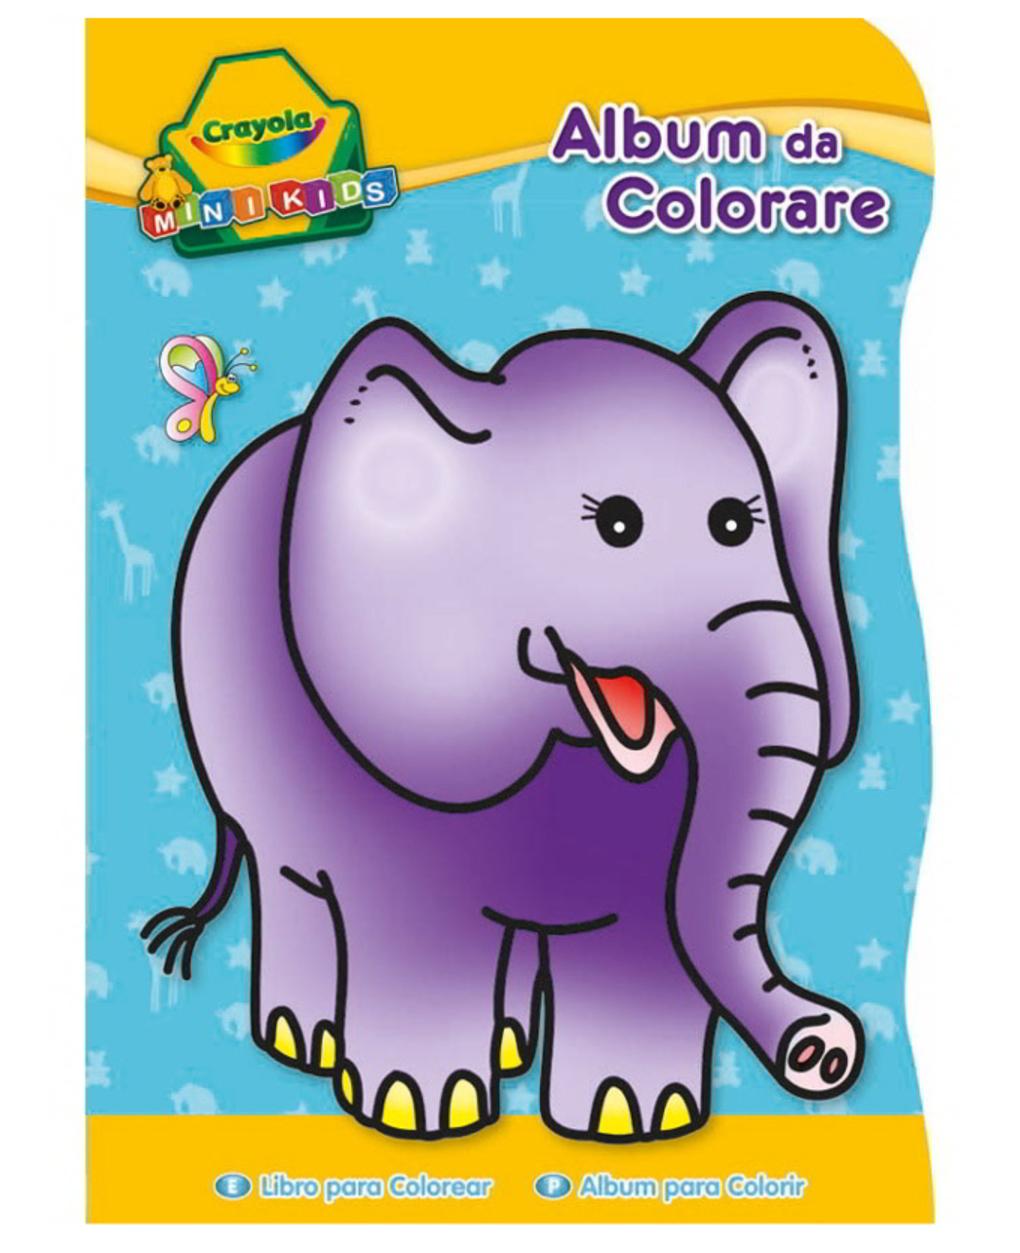 Crayola - livro de colorir em formato de mini crianças 3 assuntos - Crayola